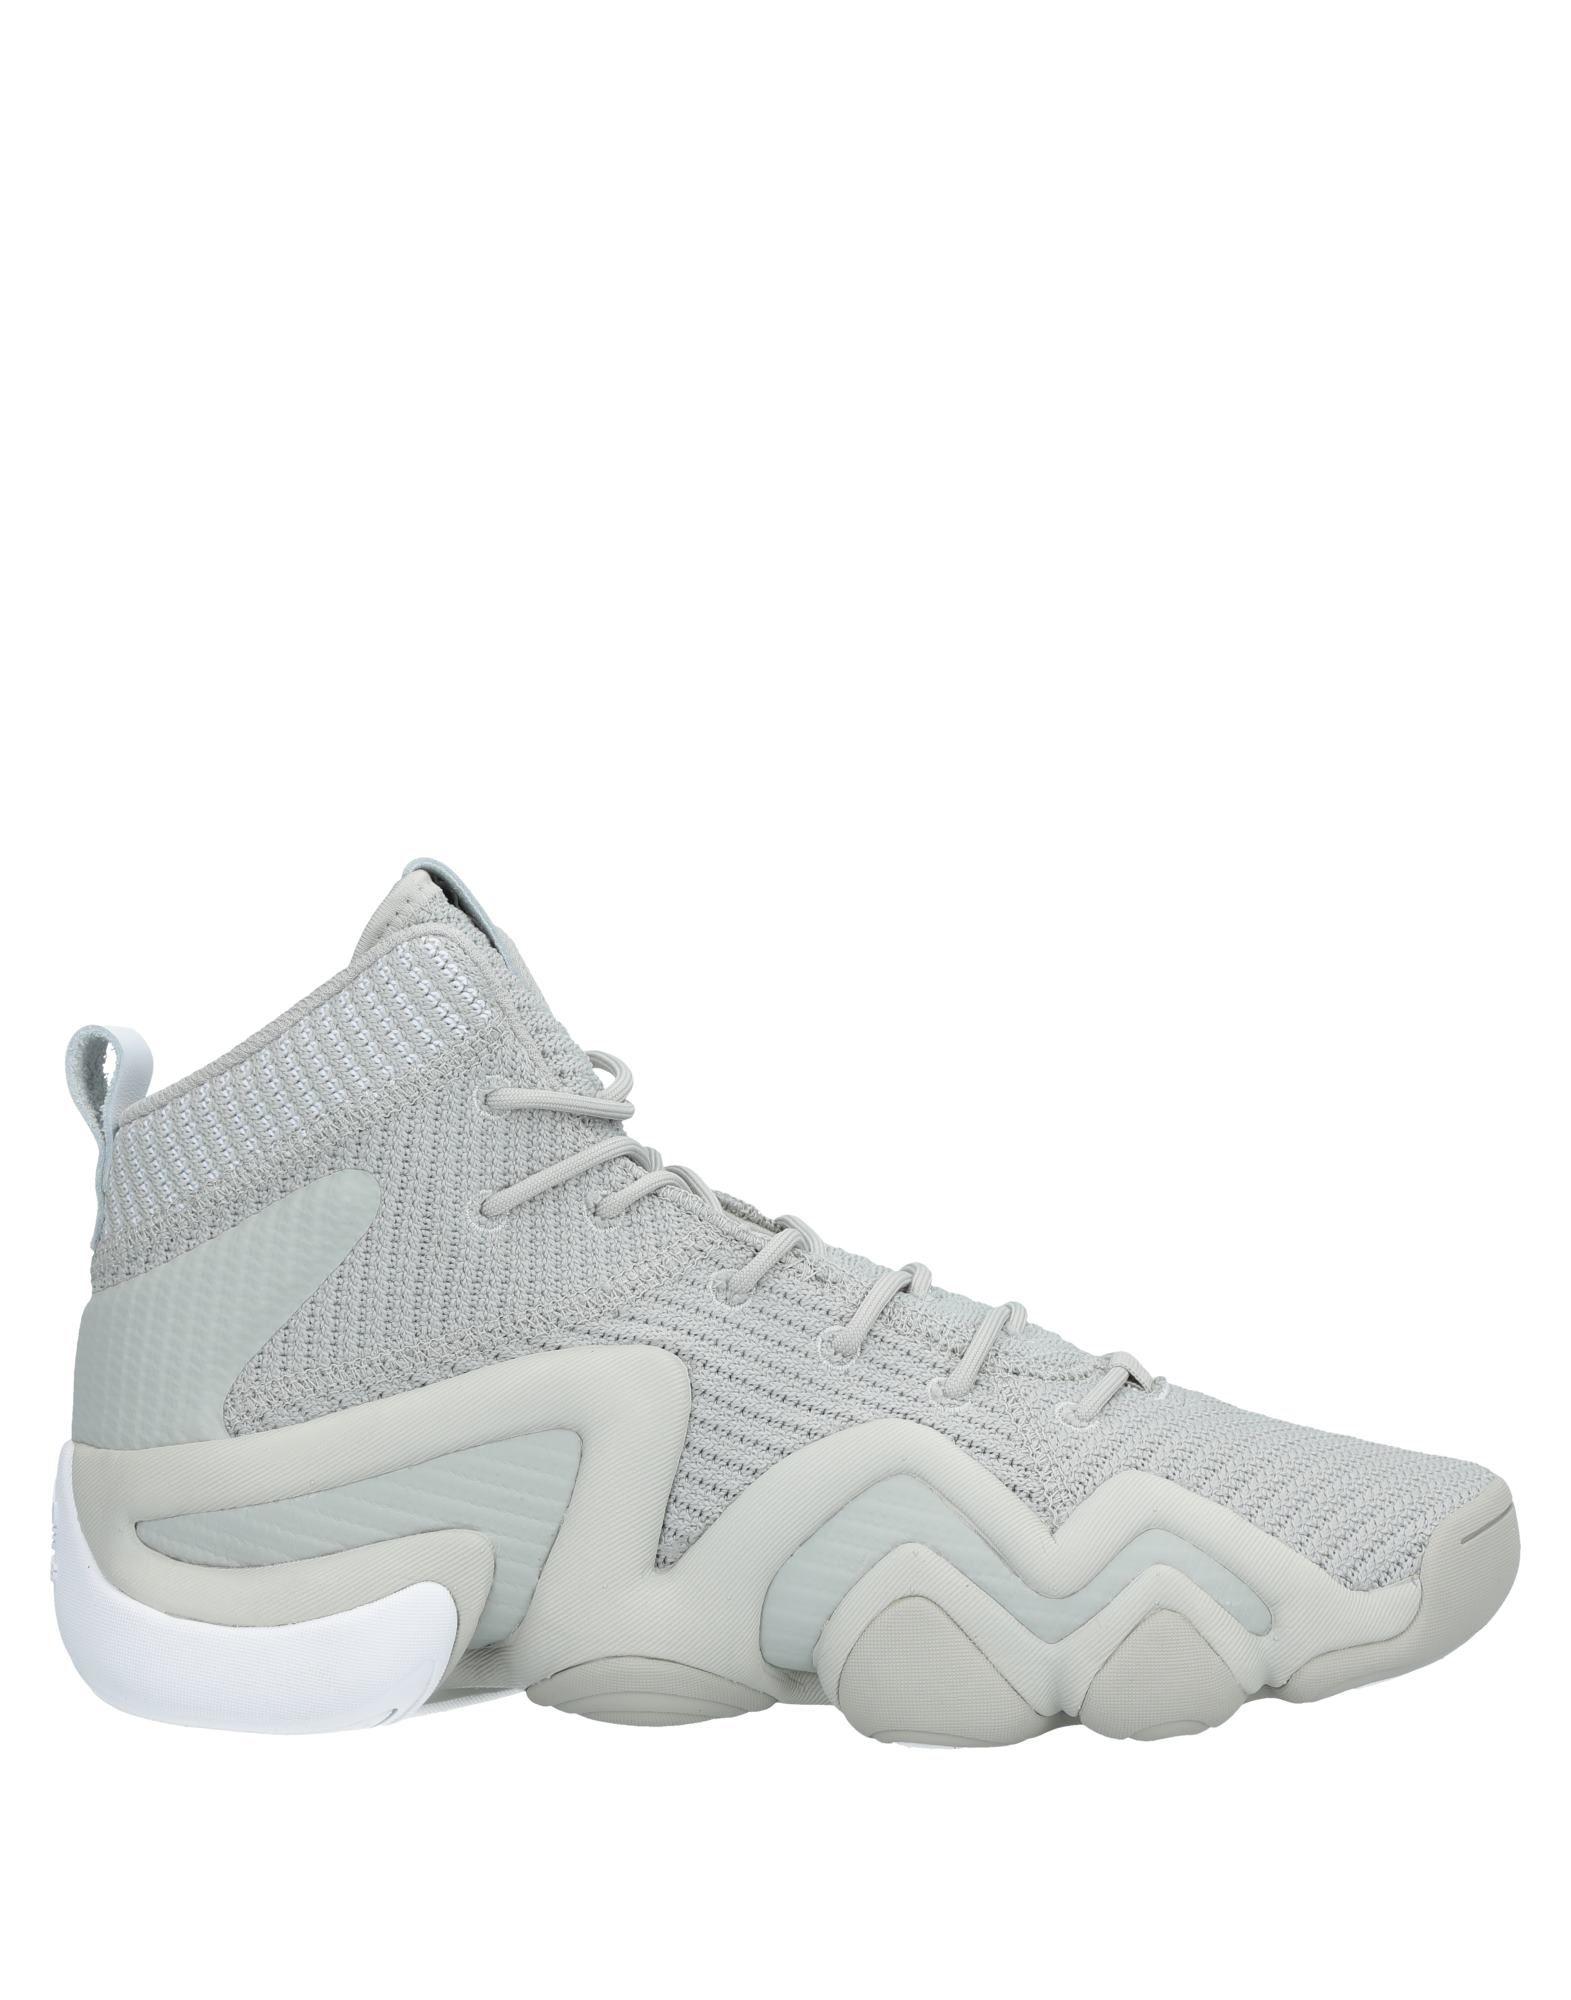 Scarpe da Ginnastica Adidas Uomo - 11536873DO